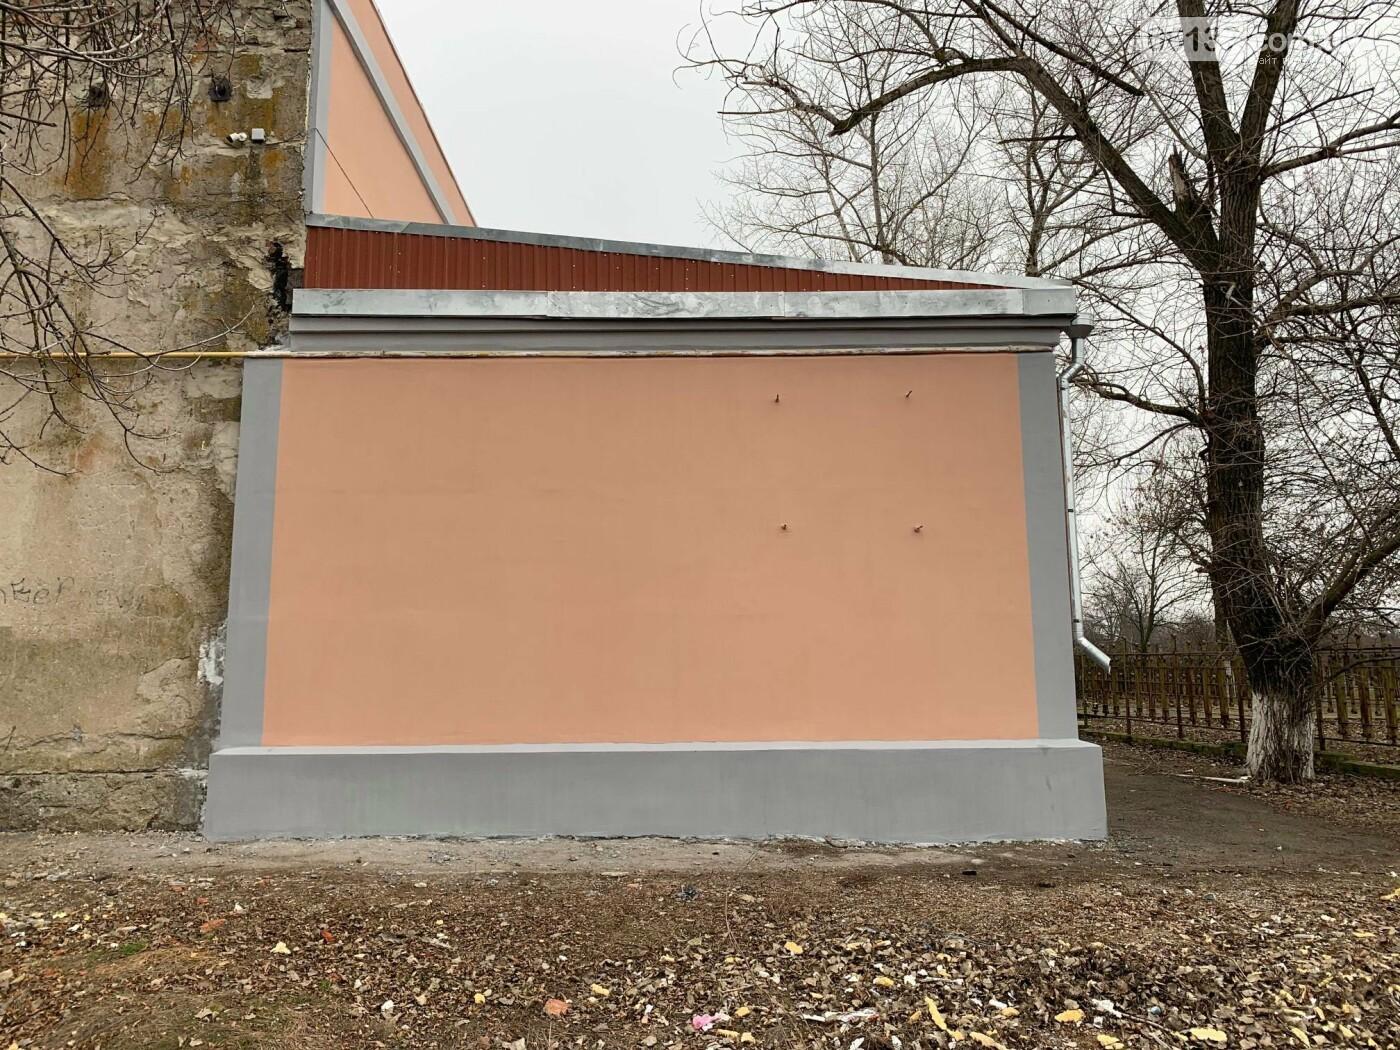 Завершена реконструкция фасадной группы Дома Культуры в поселке Роза, фото-3